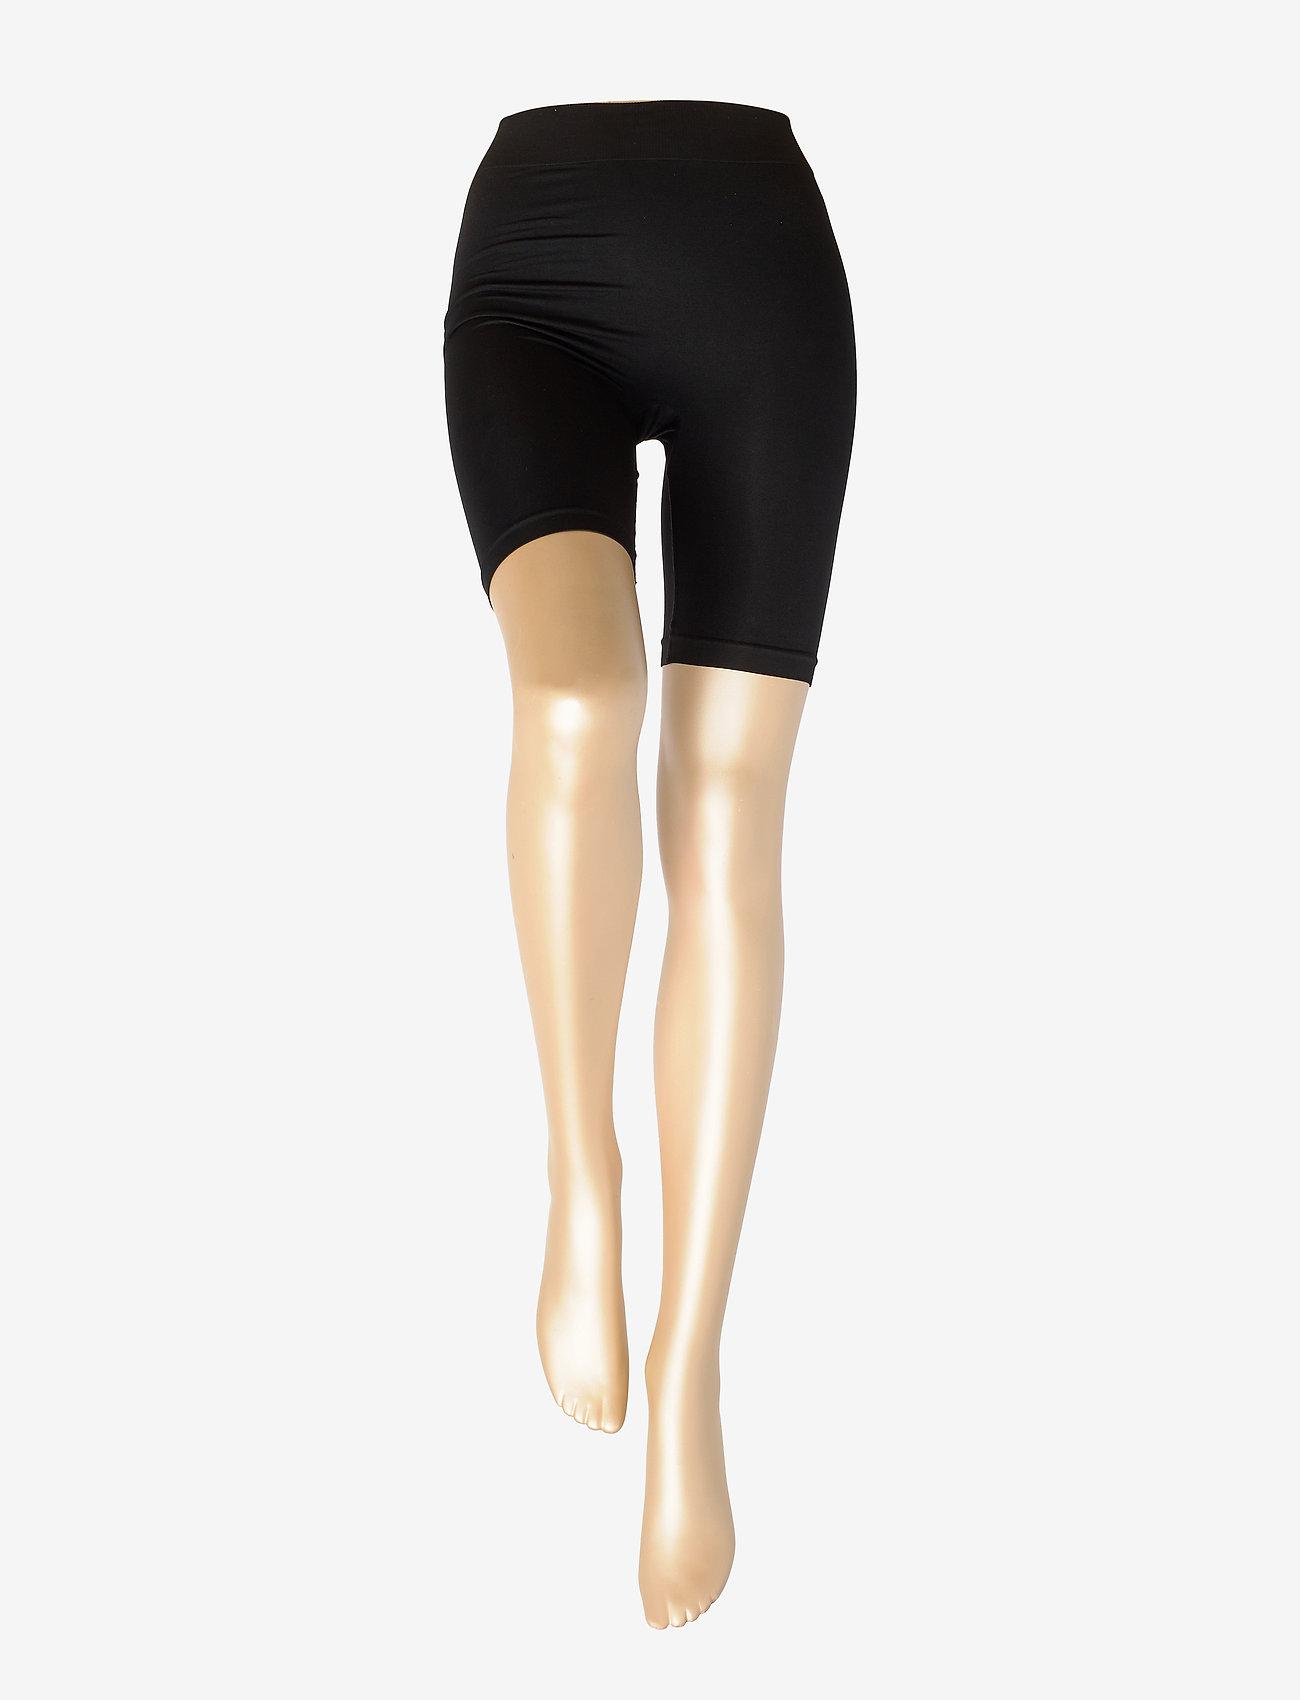 Vogue - Ladies pantyhose den, Bike Shorts - strumpbyxor - black - 1